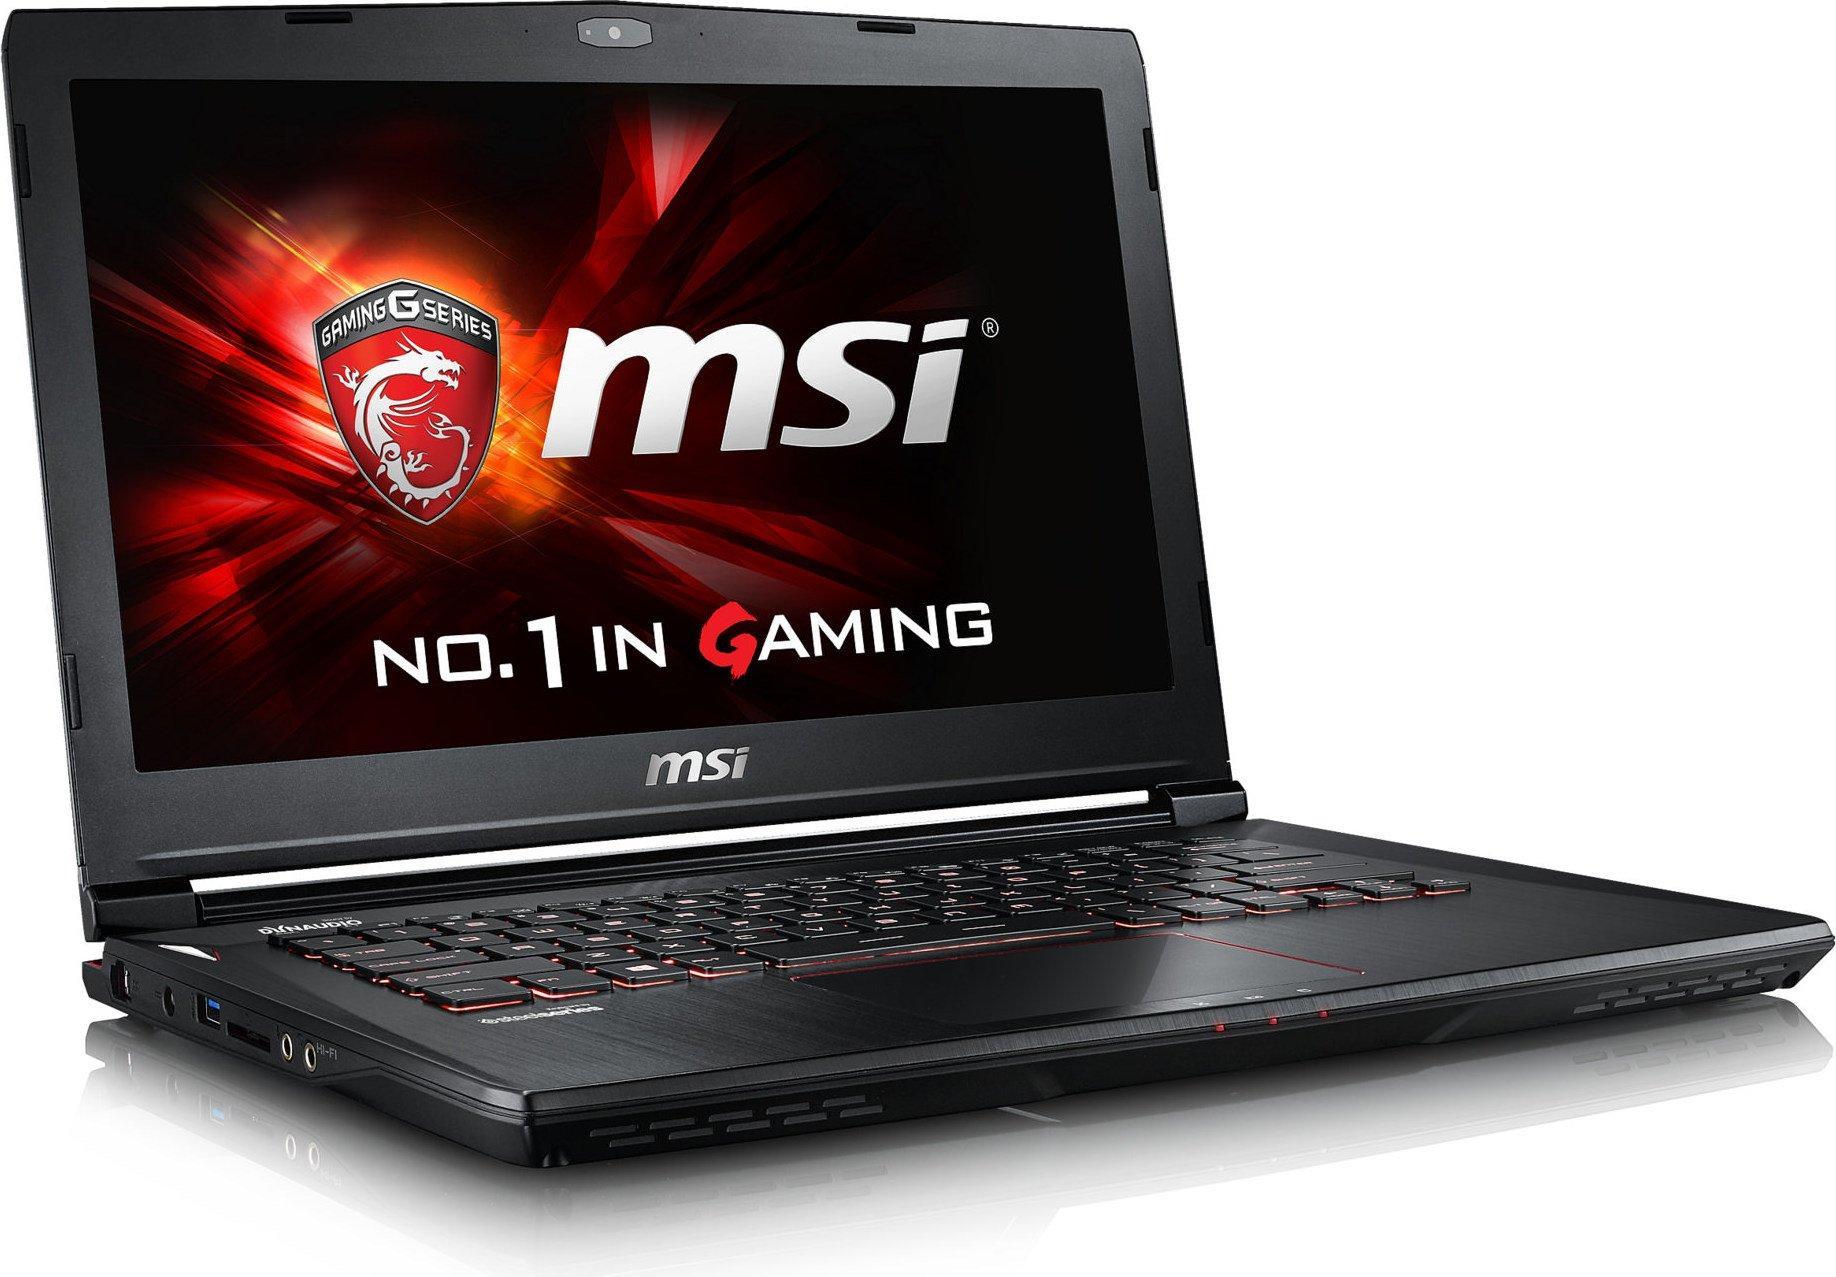 """[Cdiscount à Volonté] PC portable 14"""" MSI GS40 (full HD, i5-6300HQ, GTX 970M, 8 Go de RAM, 1 To + 128 Go en SSD NvMe, sans OS)"""